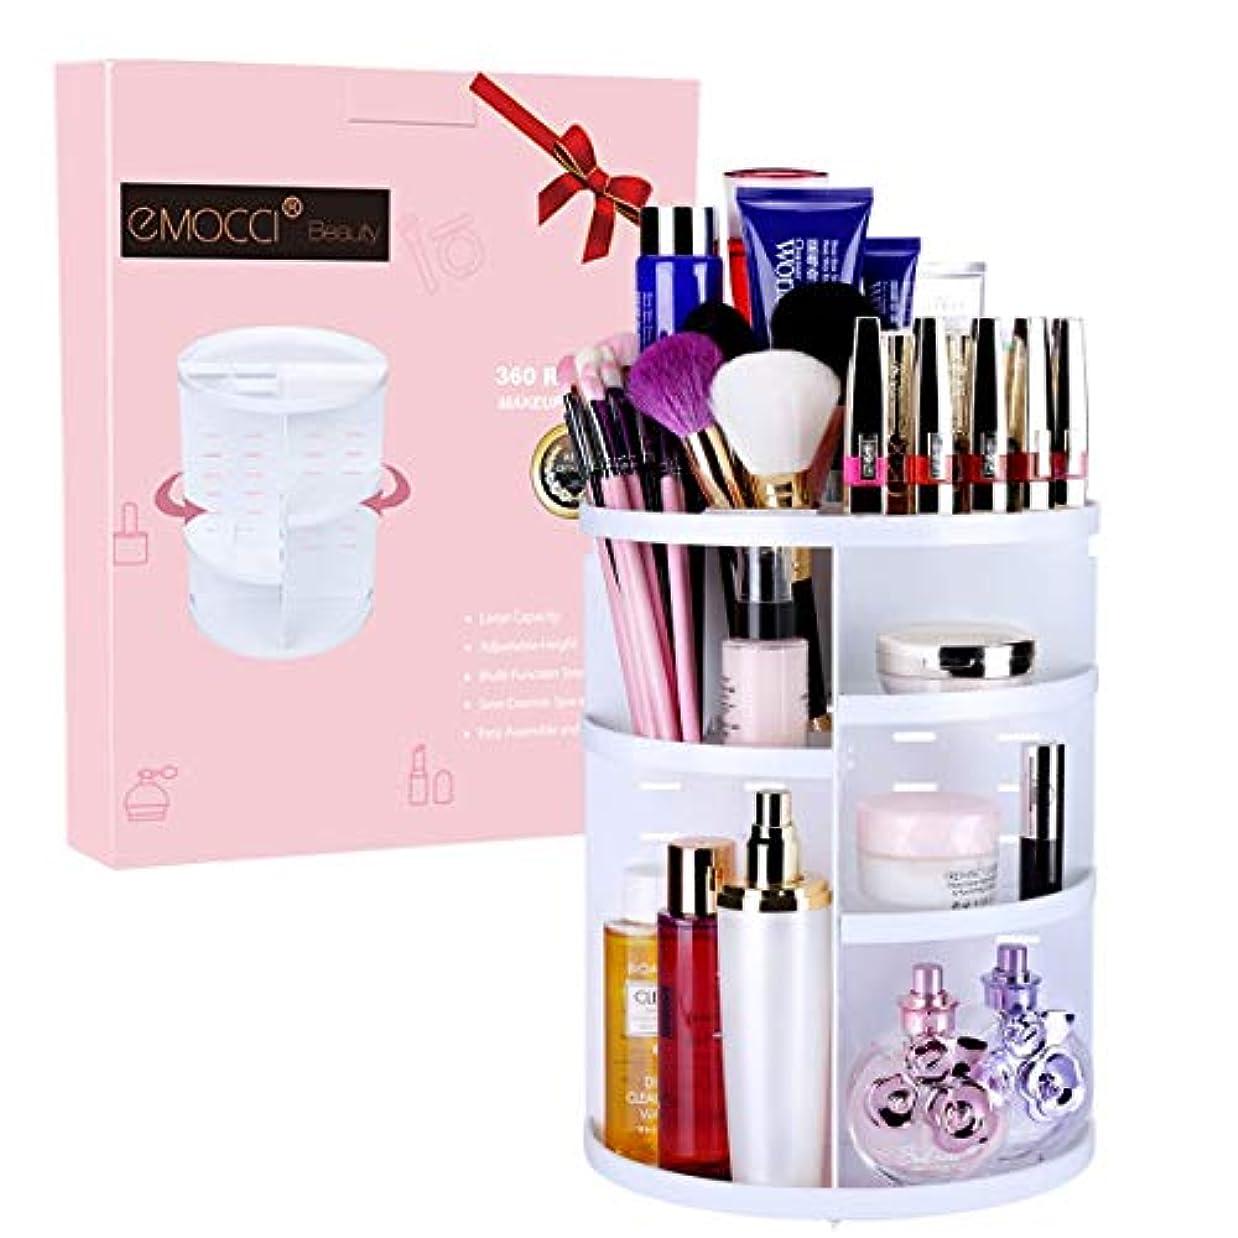 乱雑な事前アロング化粧品 収納 EMOCCI コスメ ボックス メイクケース メイク収納ボックス 360度回転式 大容量 可調節 水洗い タワー型 (ホワイト)